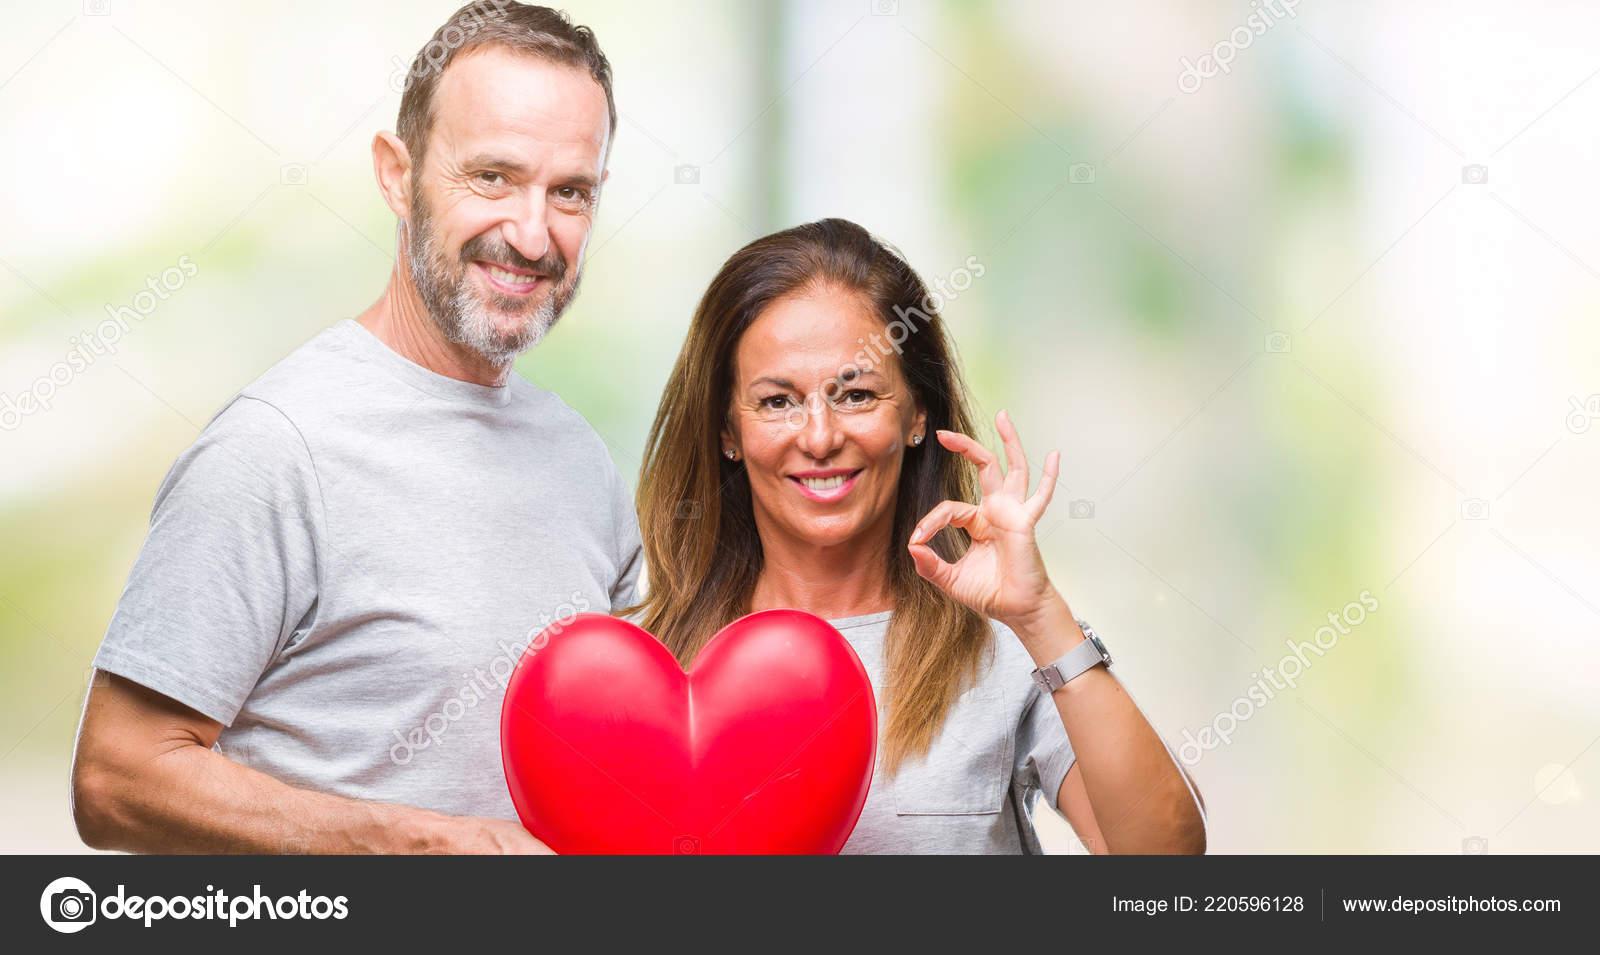 Andrew Garfield dating